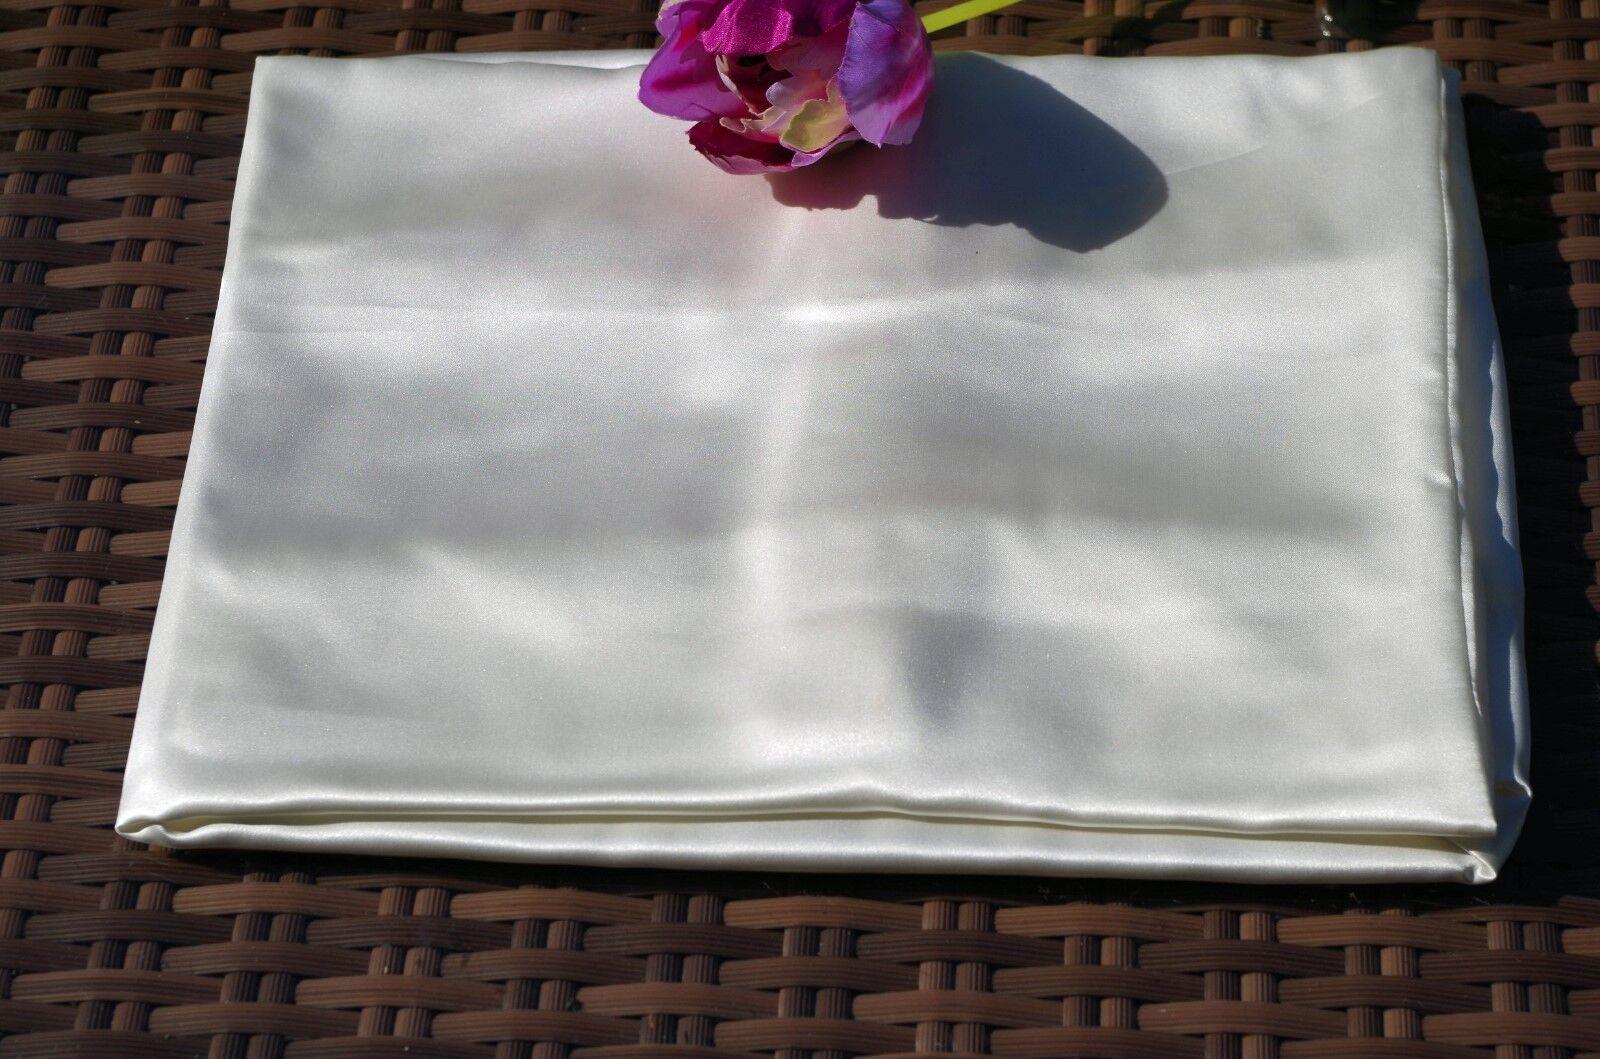 1A Seidenbettwäsche Bettwäsche Seide SATIN 155x220 80x80cm natur weiß